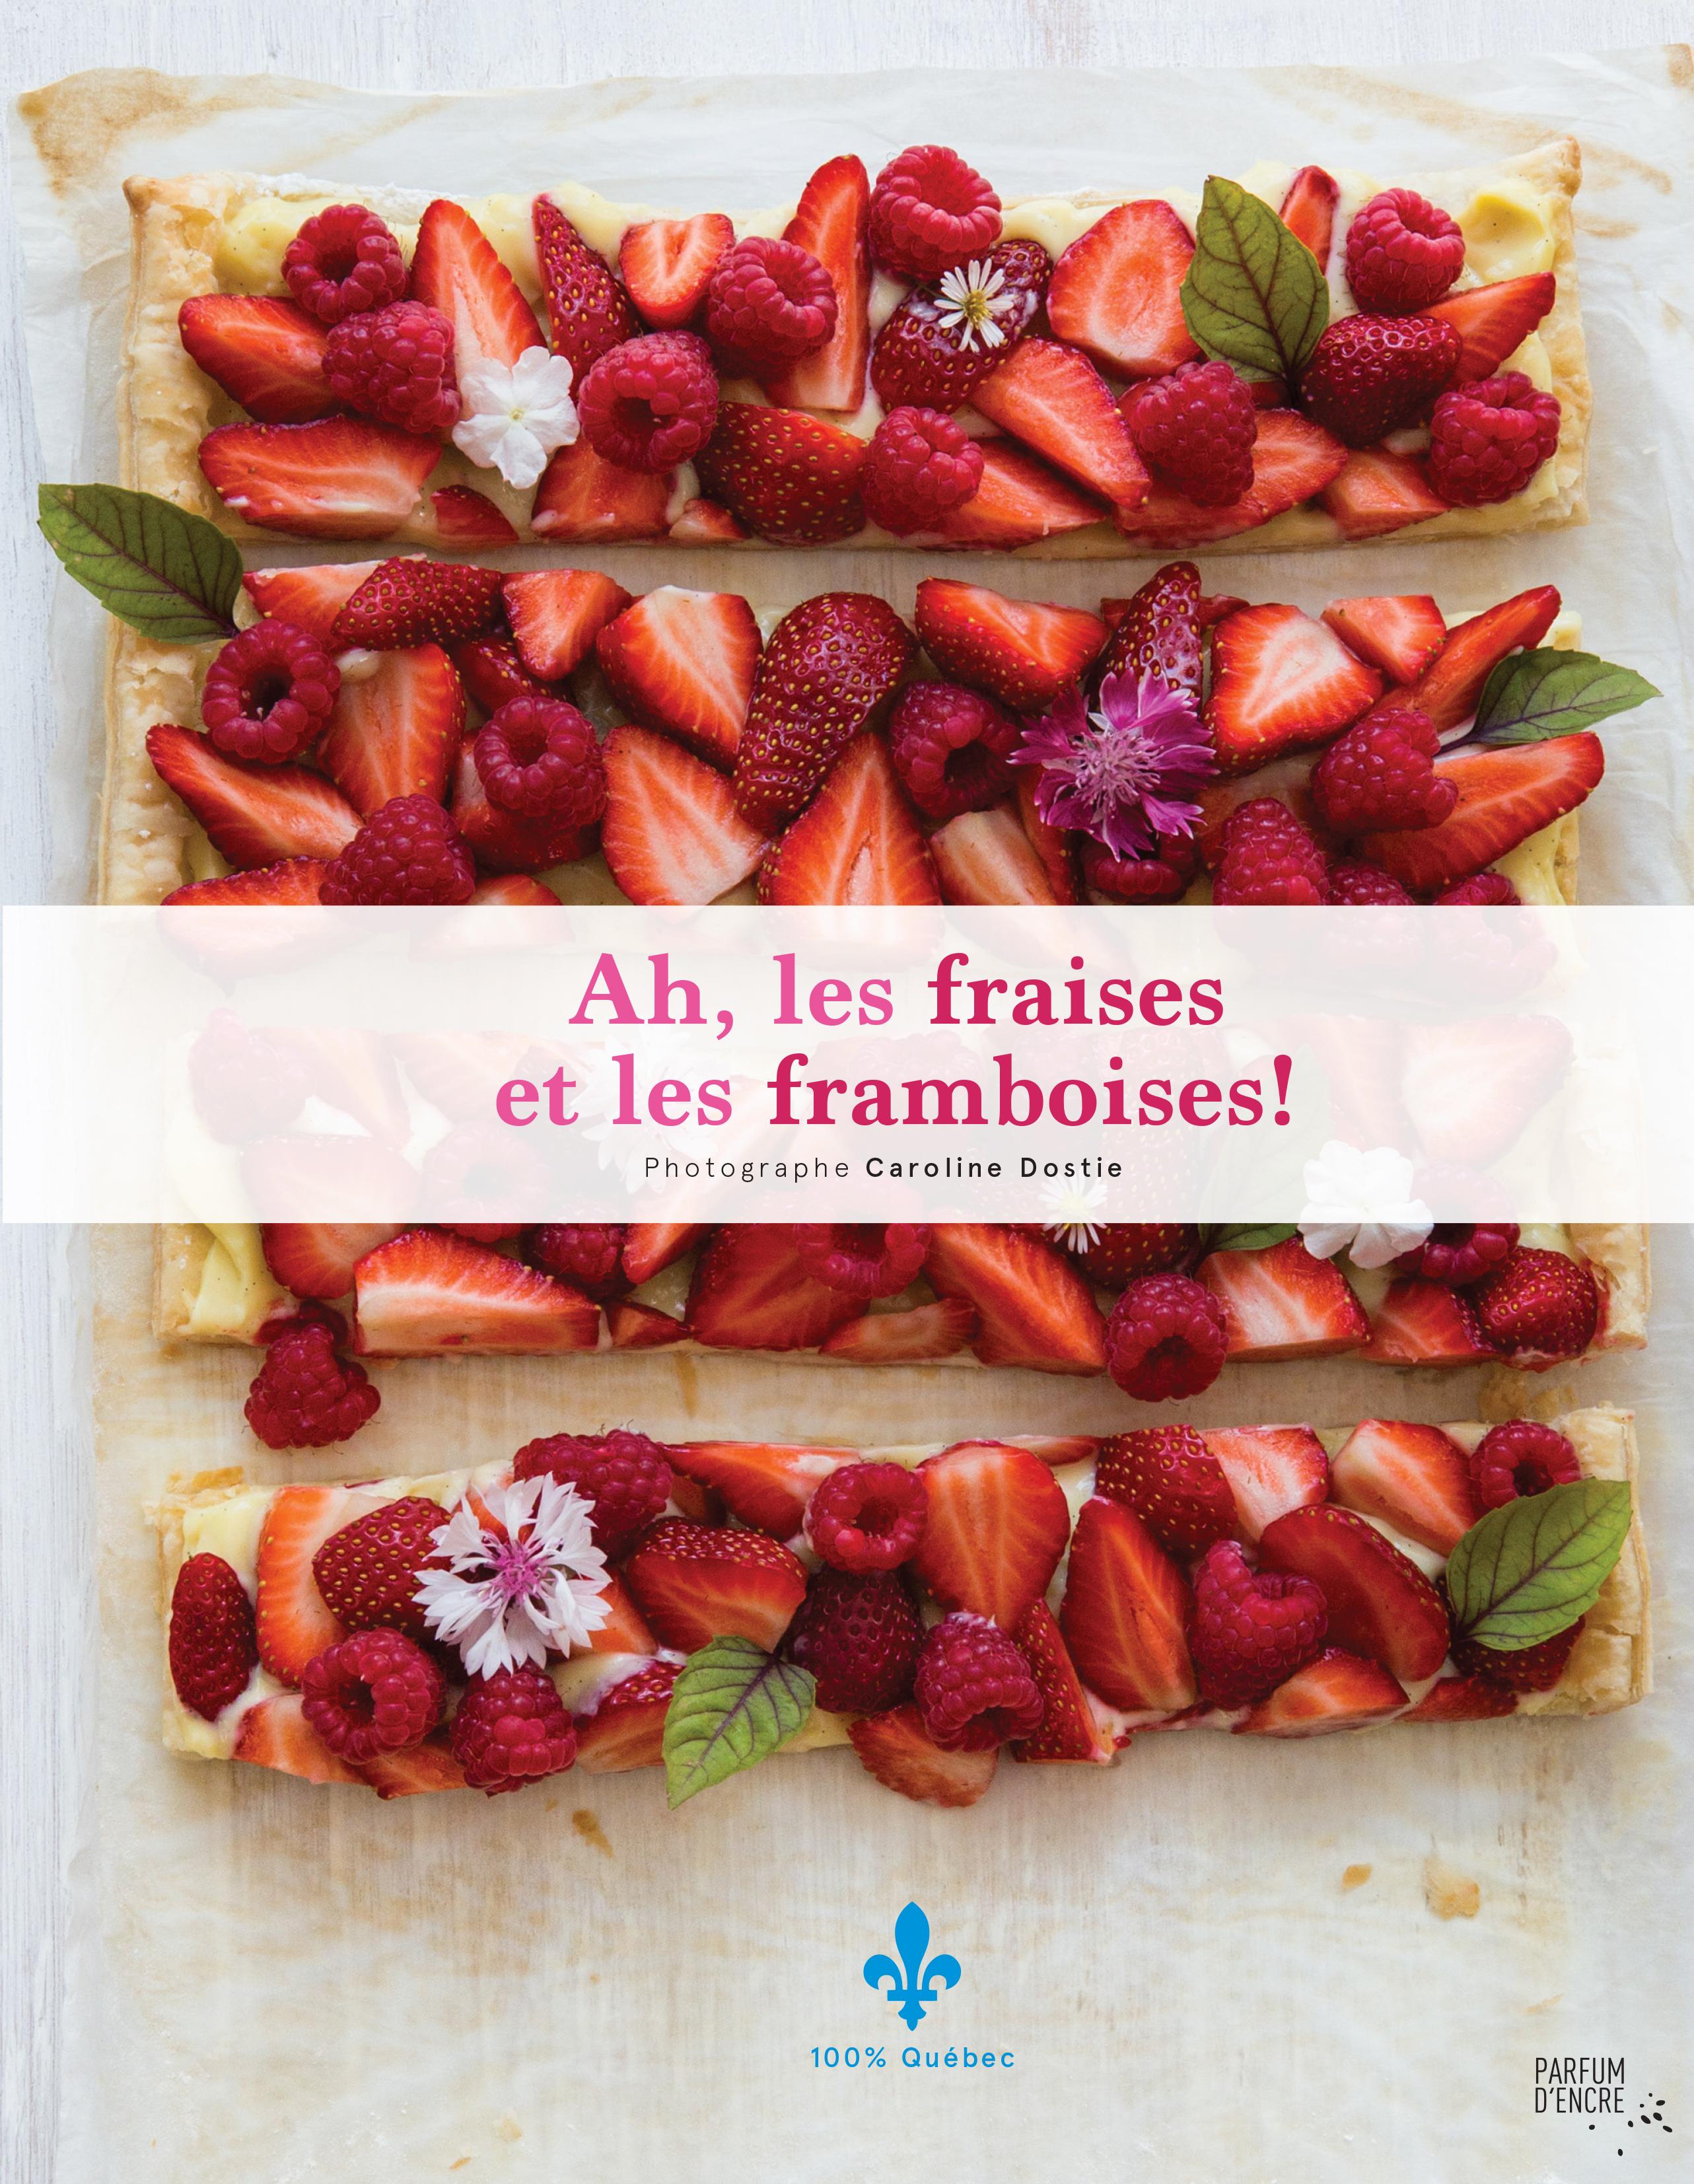 Ah, les fraises et les fram...